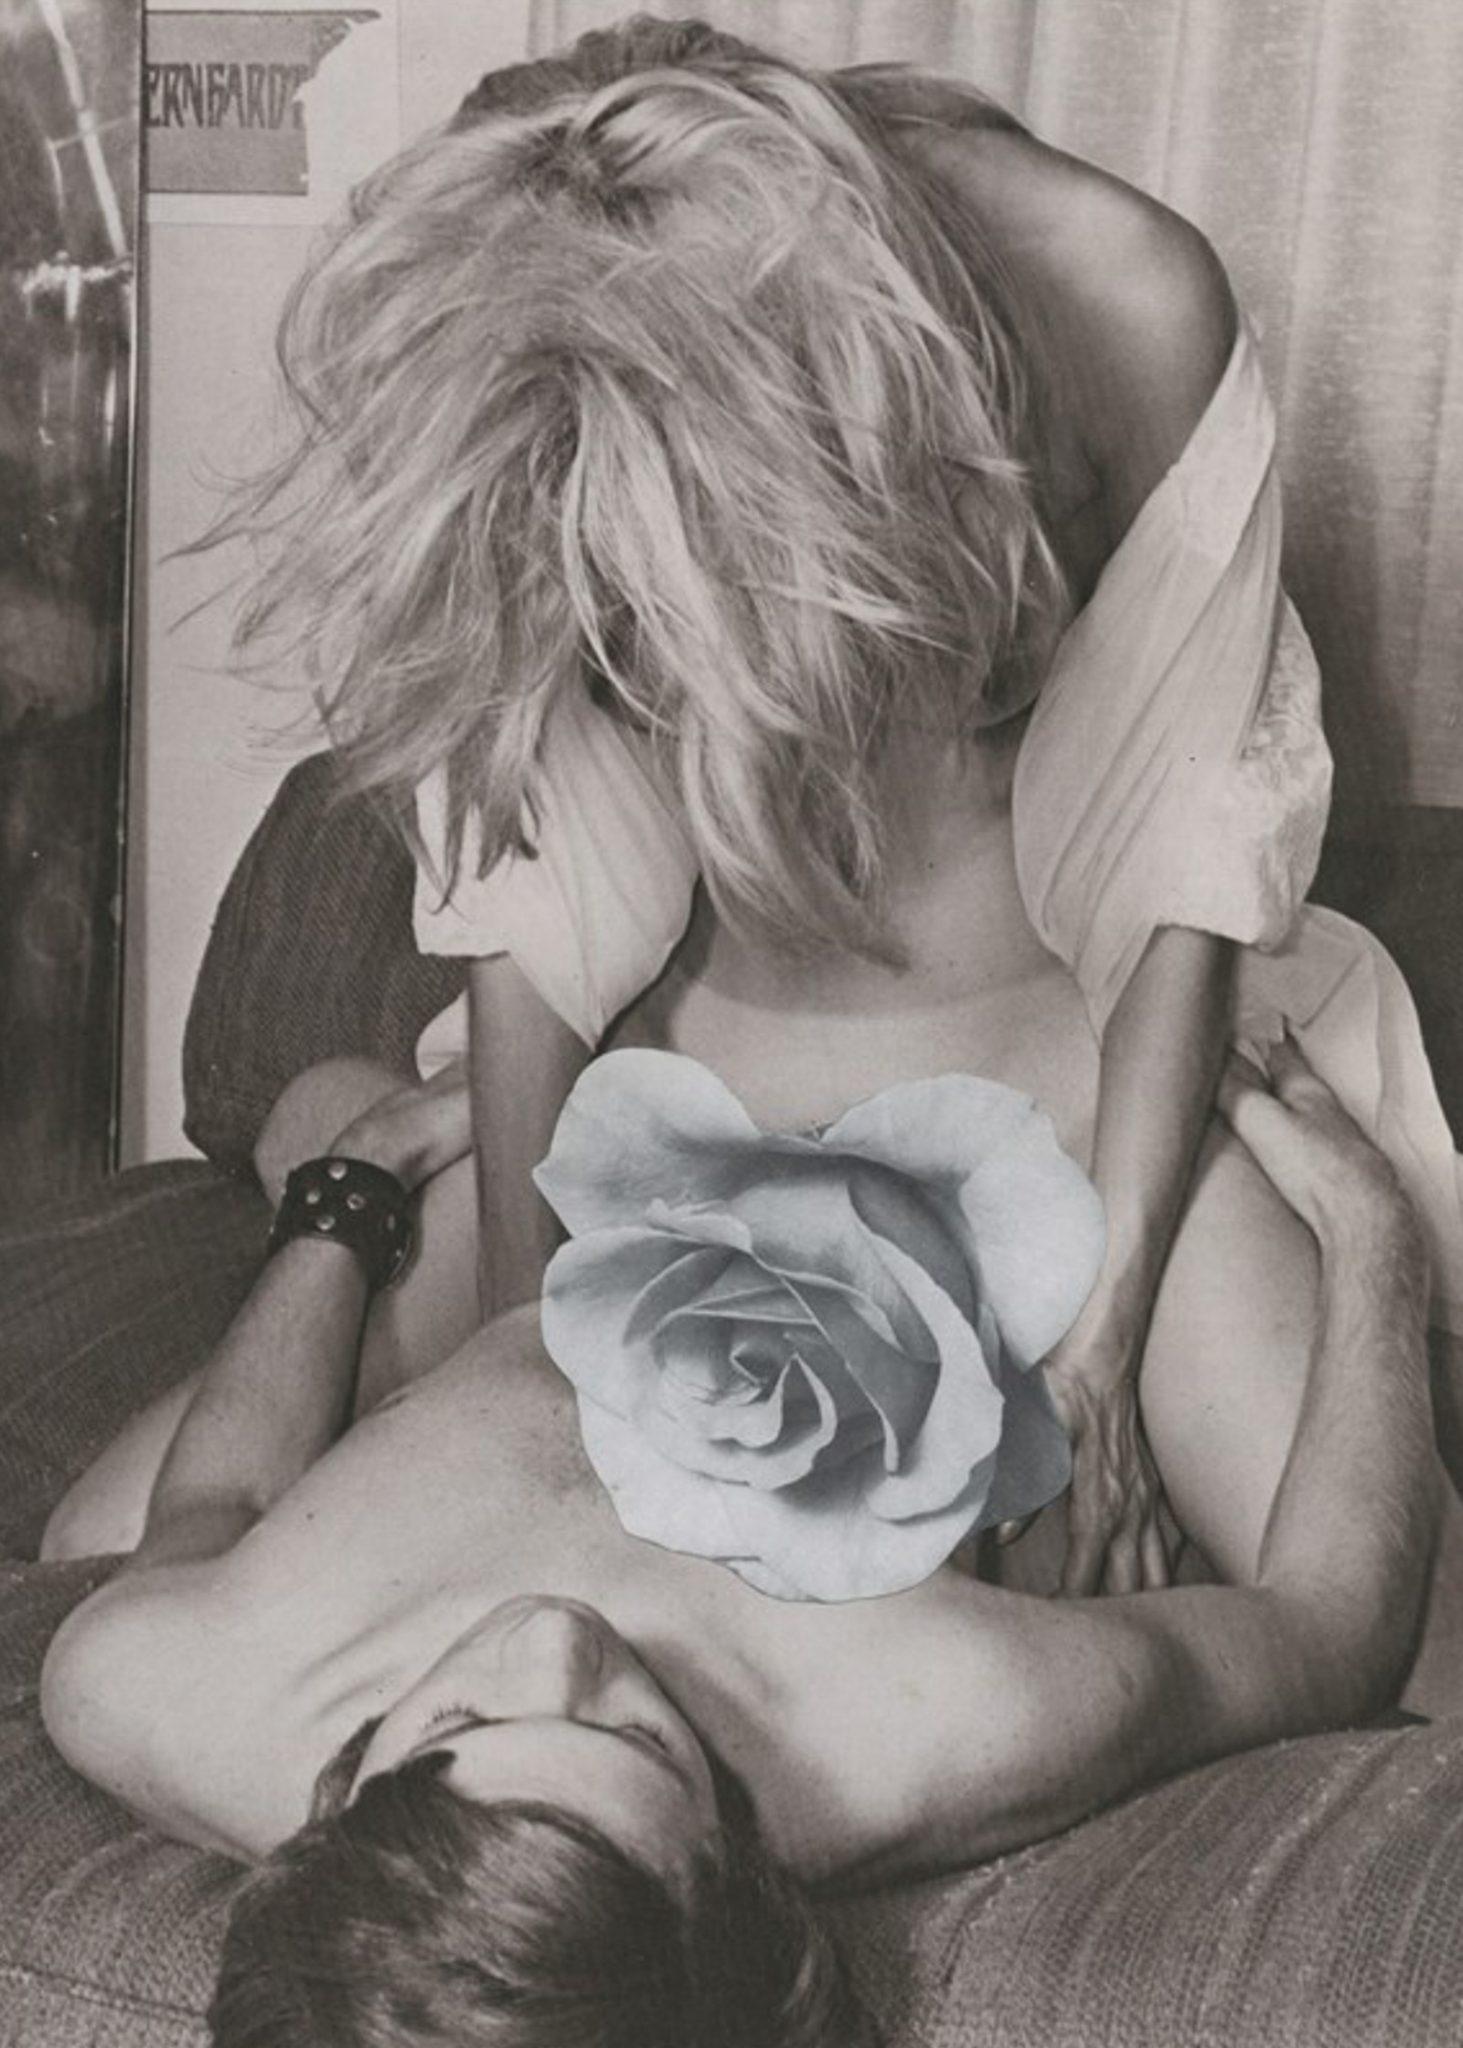 I celebri collage sulla figura femminile di Linder Sterling | Collater.al 12